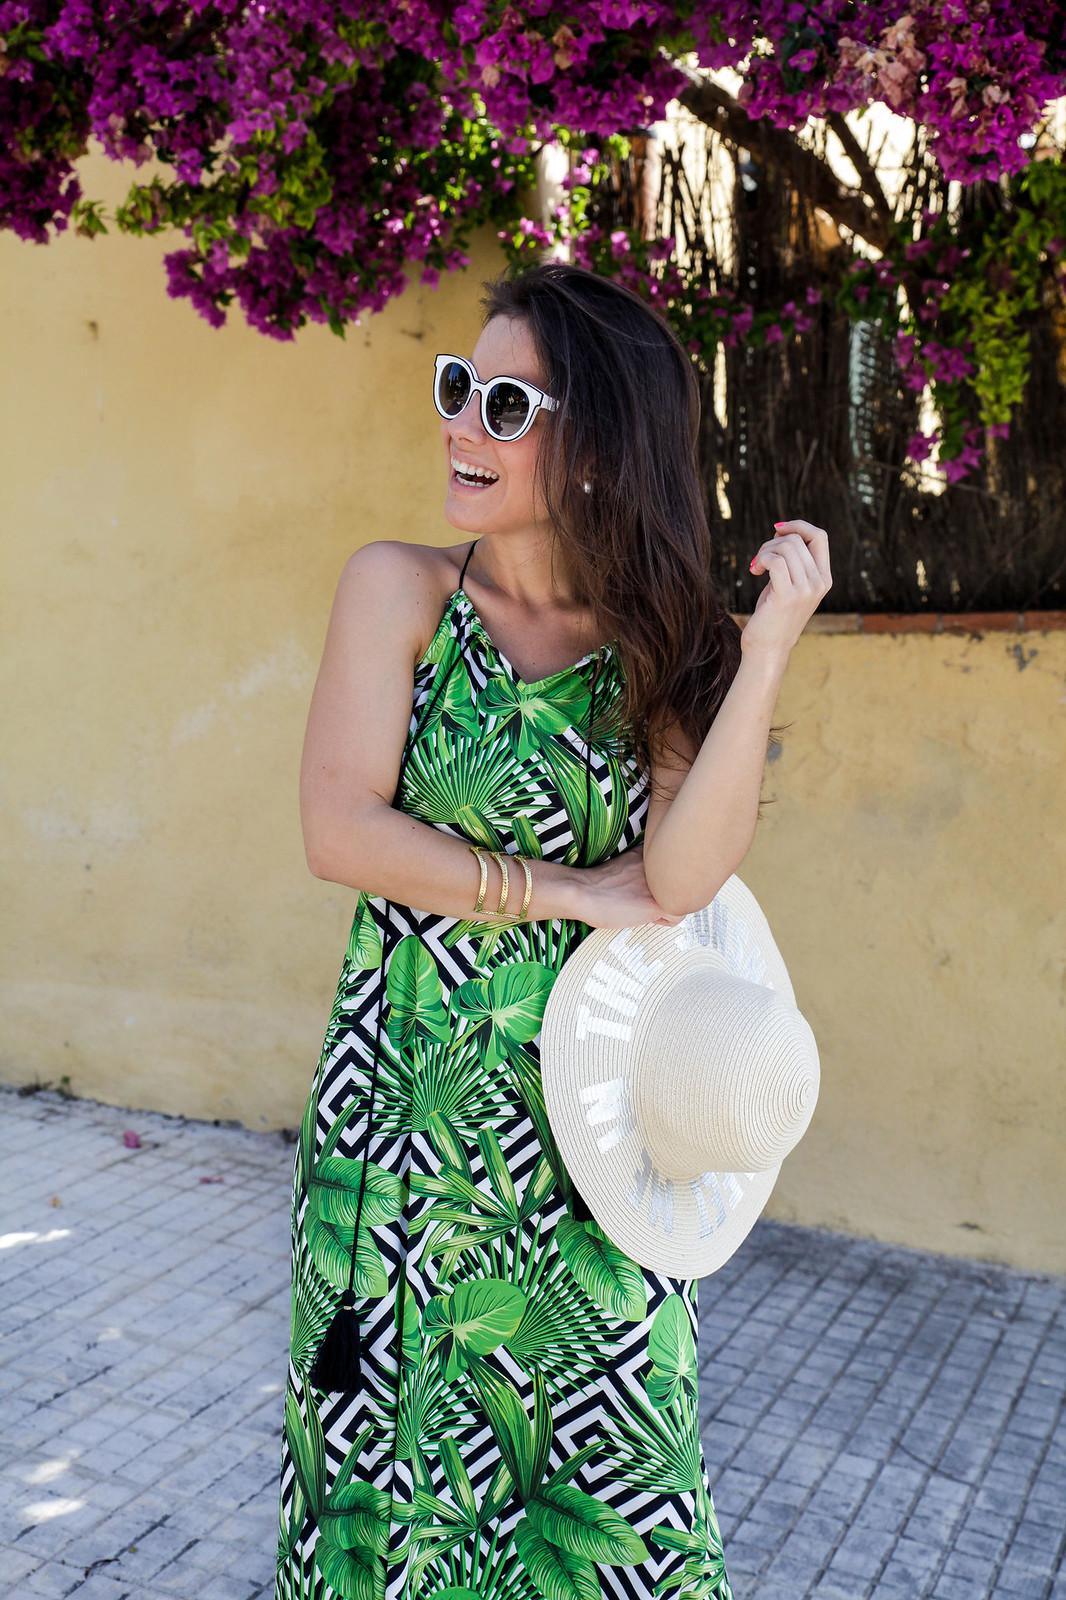 010_vestido_palmeras_tendencia_verano_theguestgirl_rüga_portugal